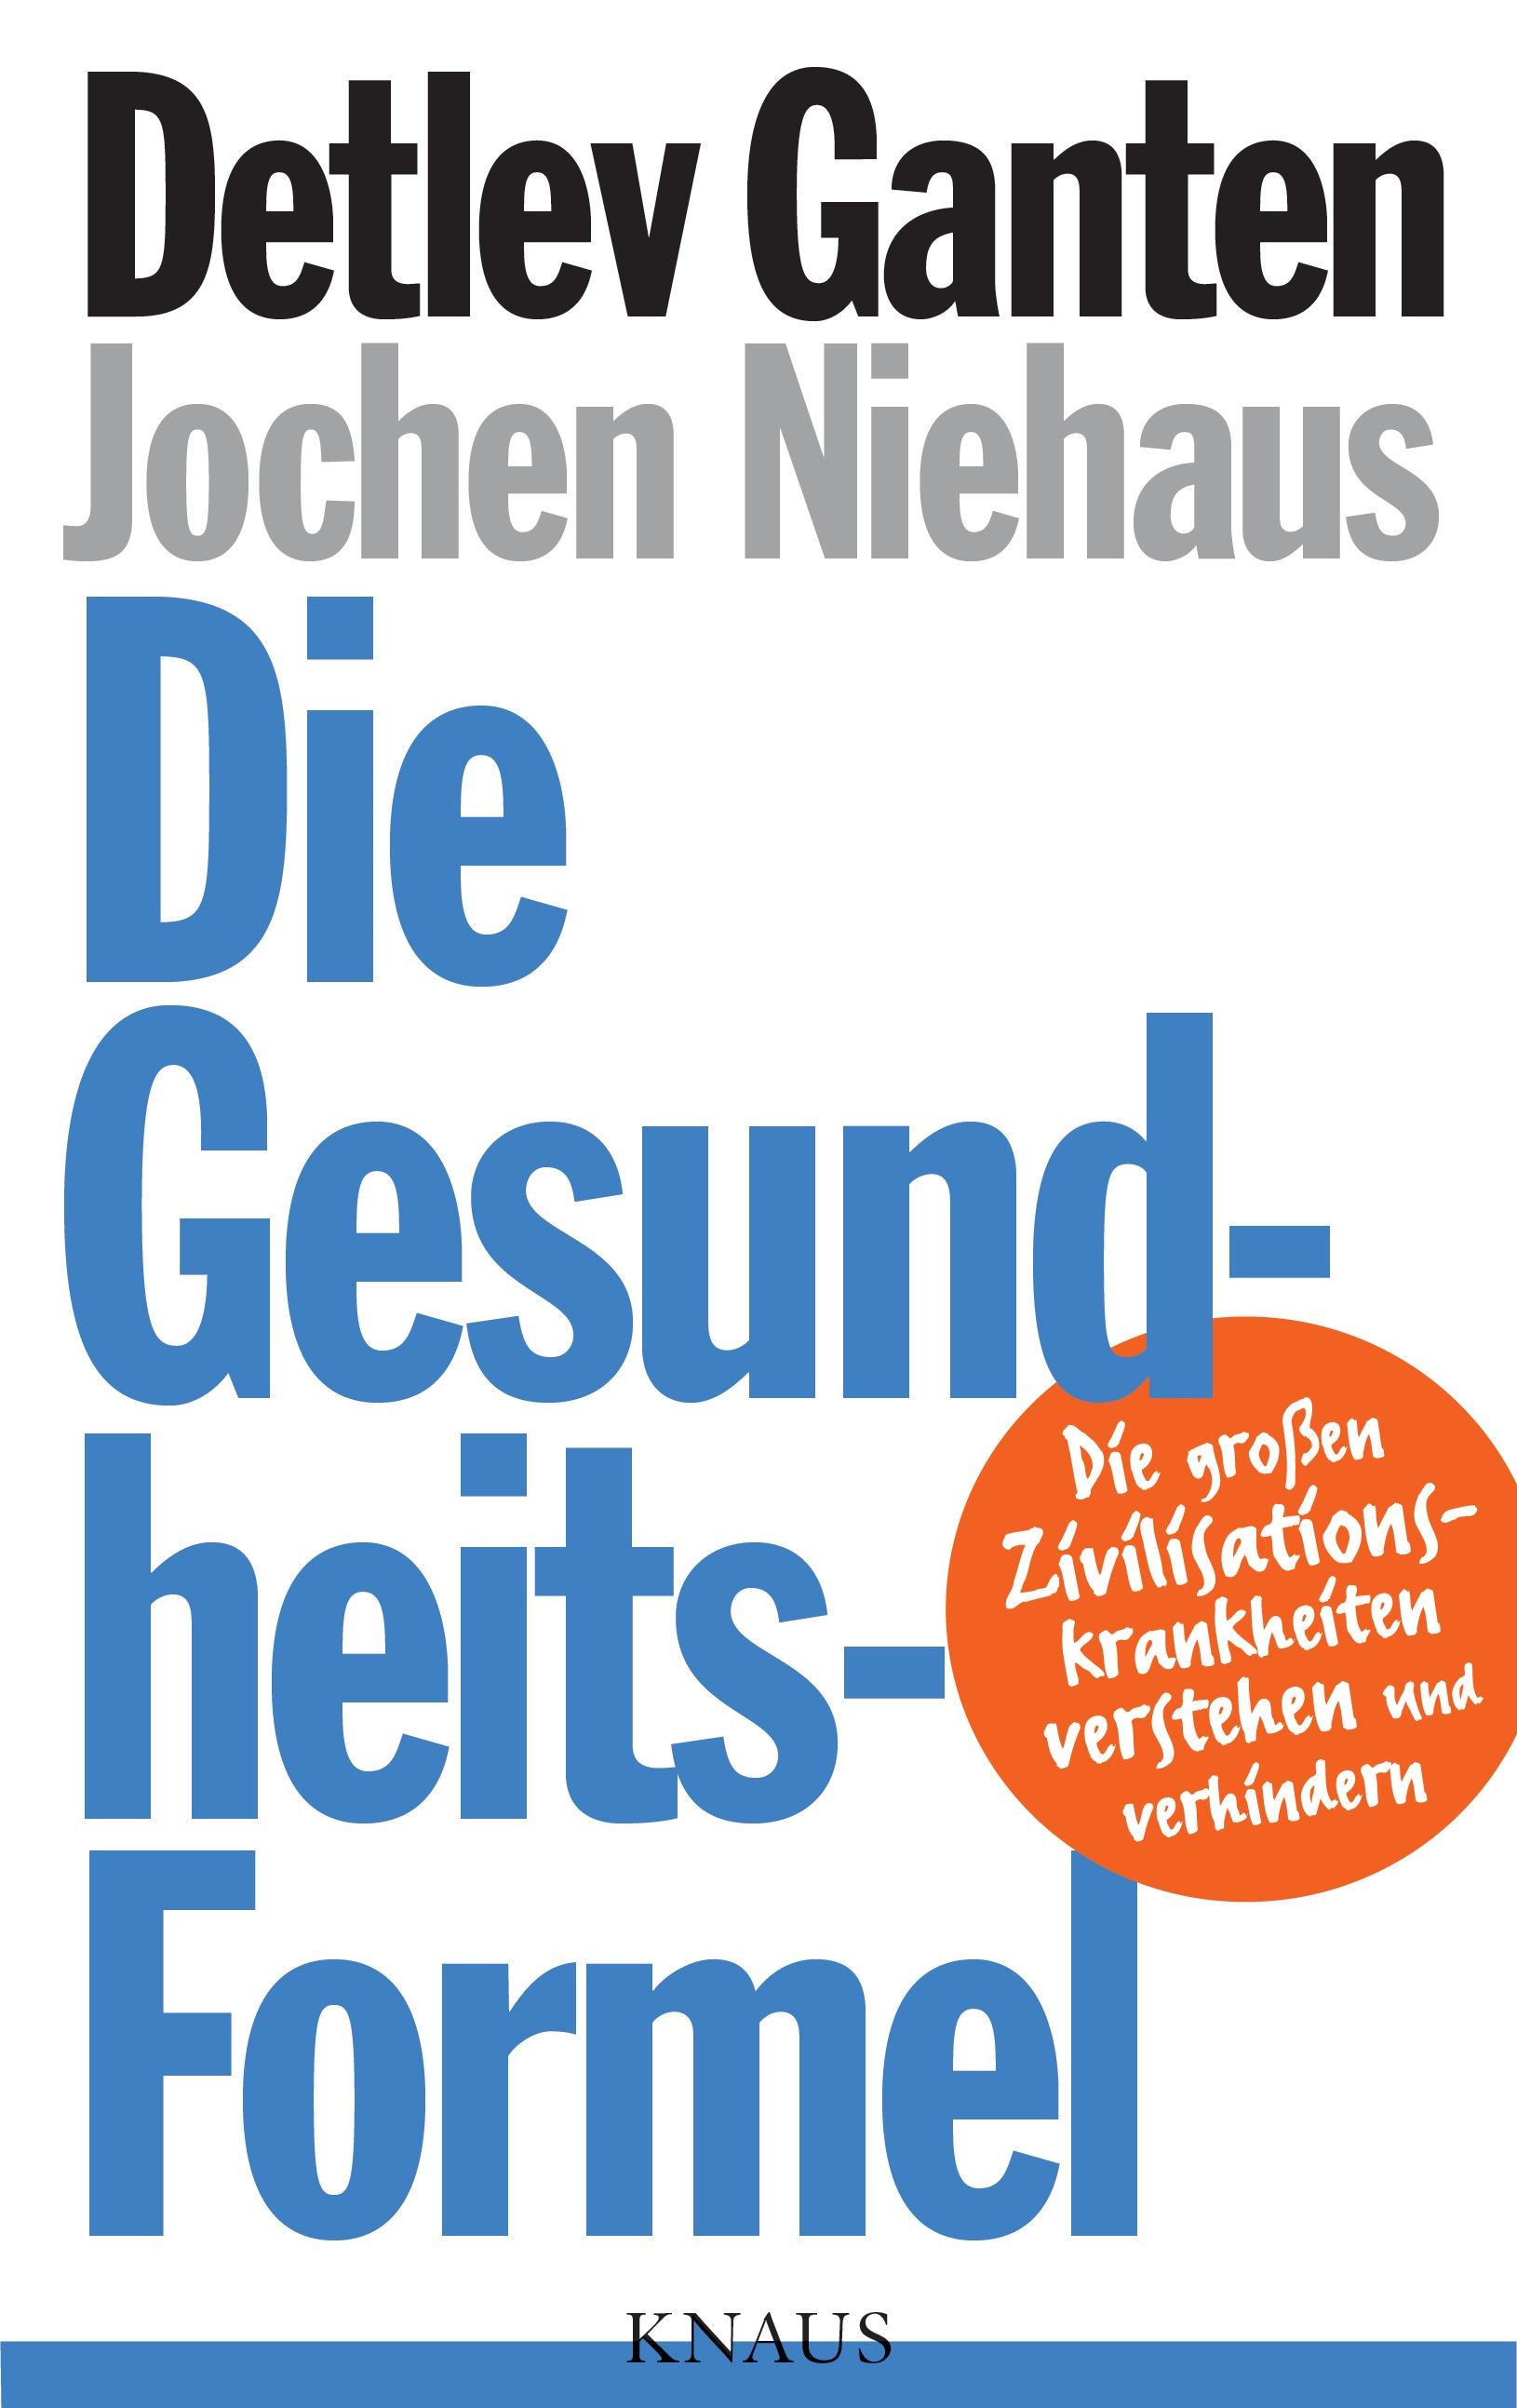 Die Gesundheitsformel: Die großen Zivilisationskrankheiten verstehen und verhindern - Prof. Dr. Detlev Ganten [Gebundene